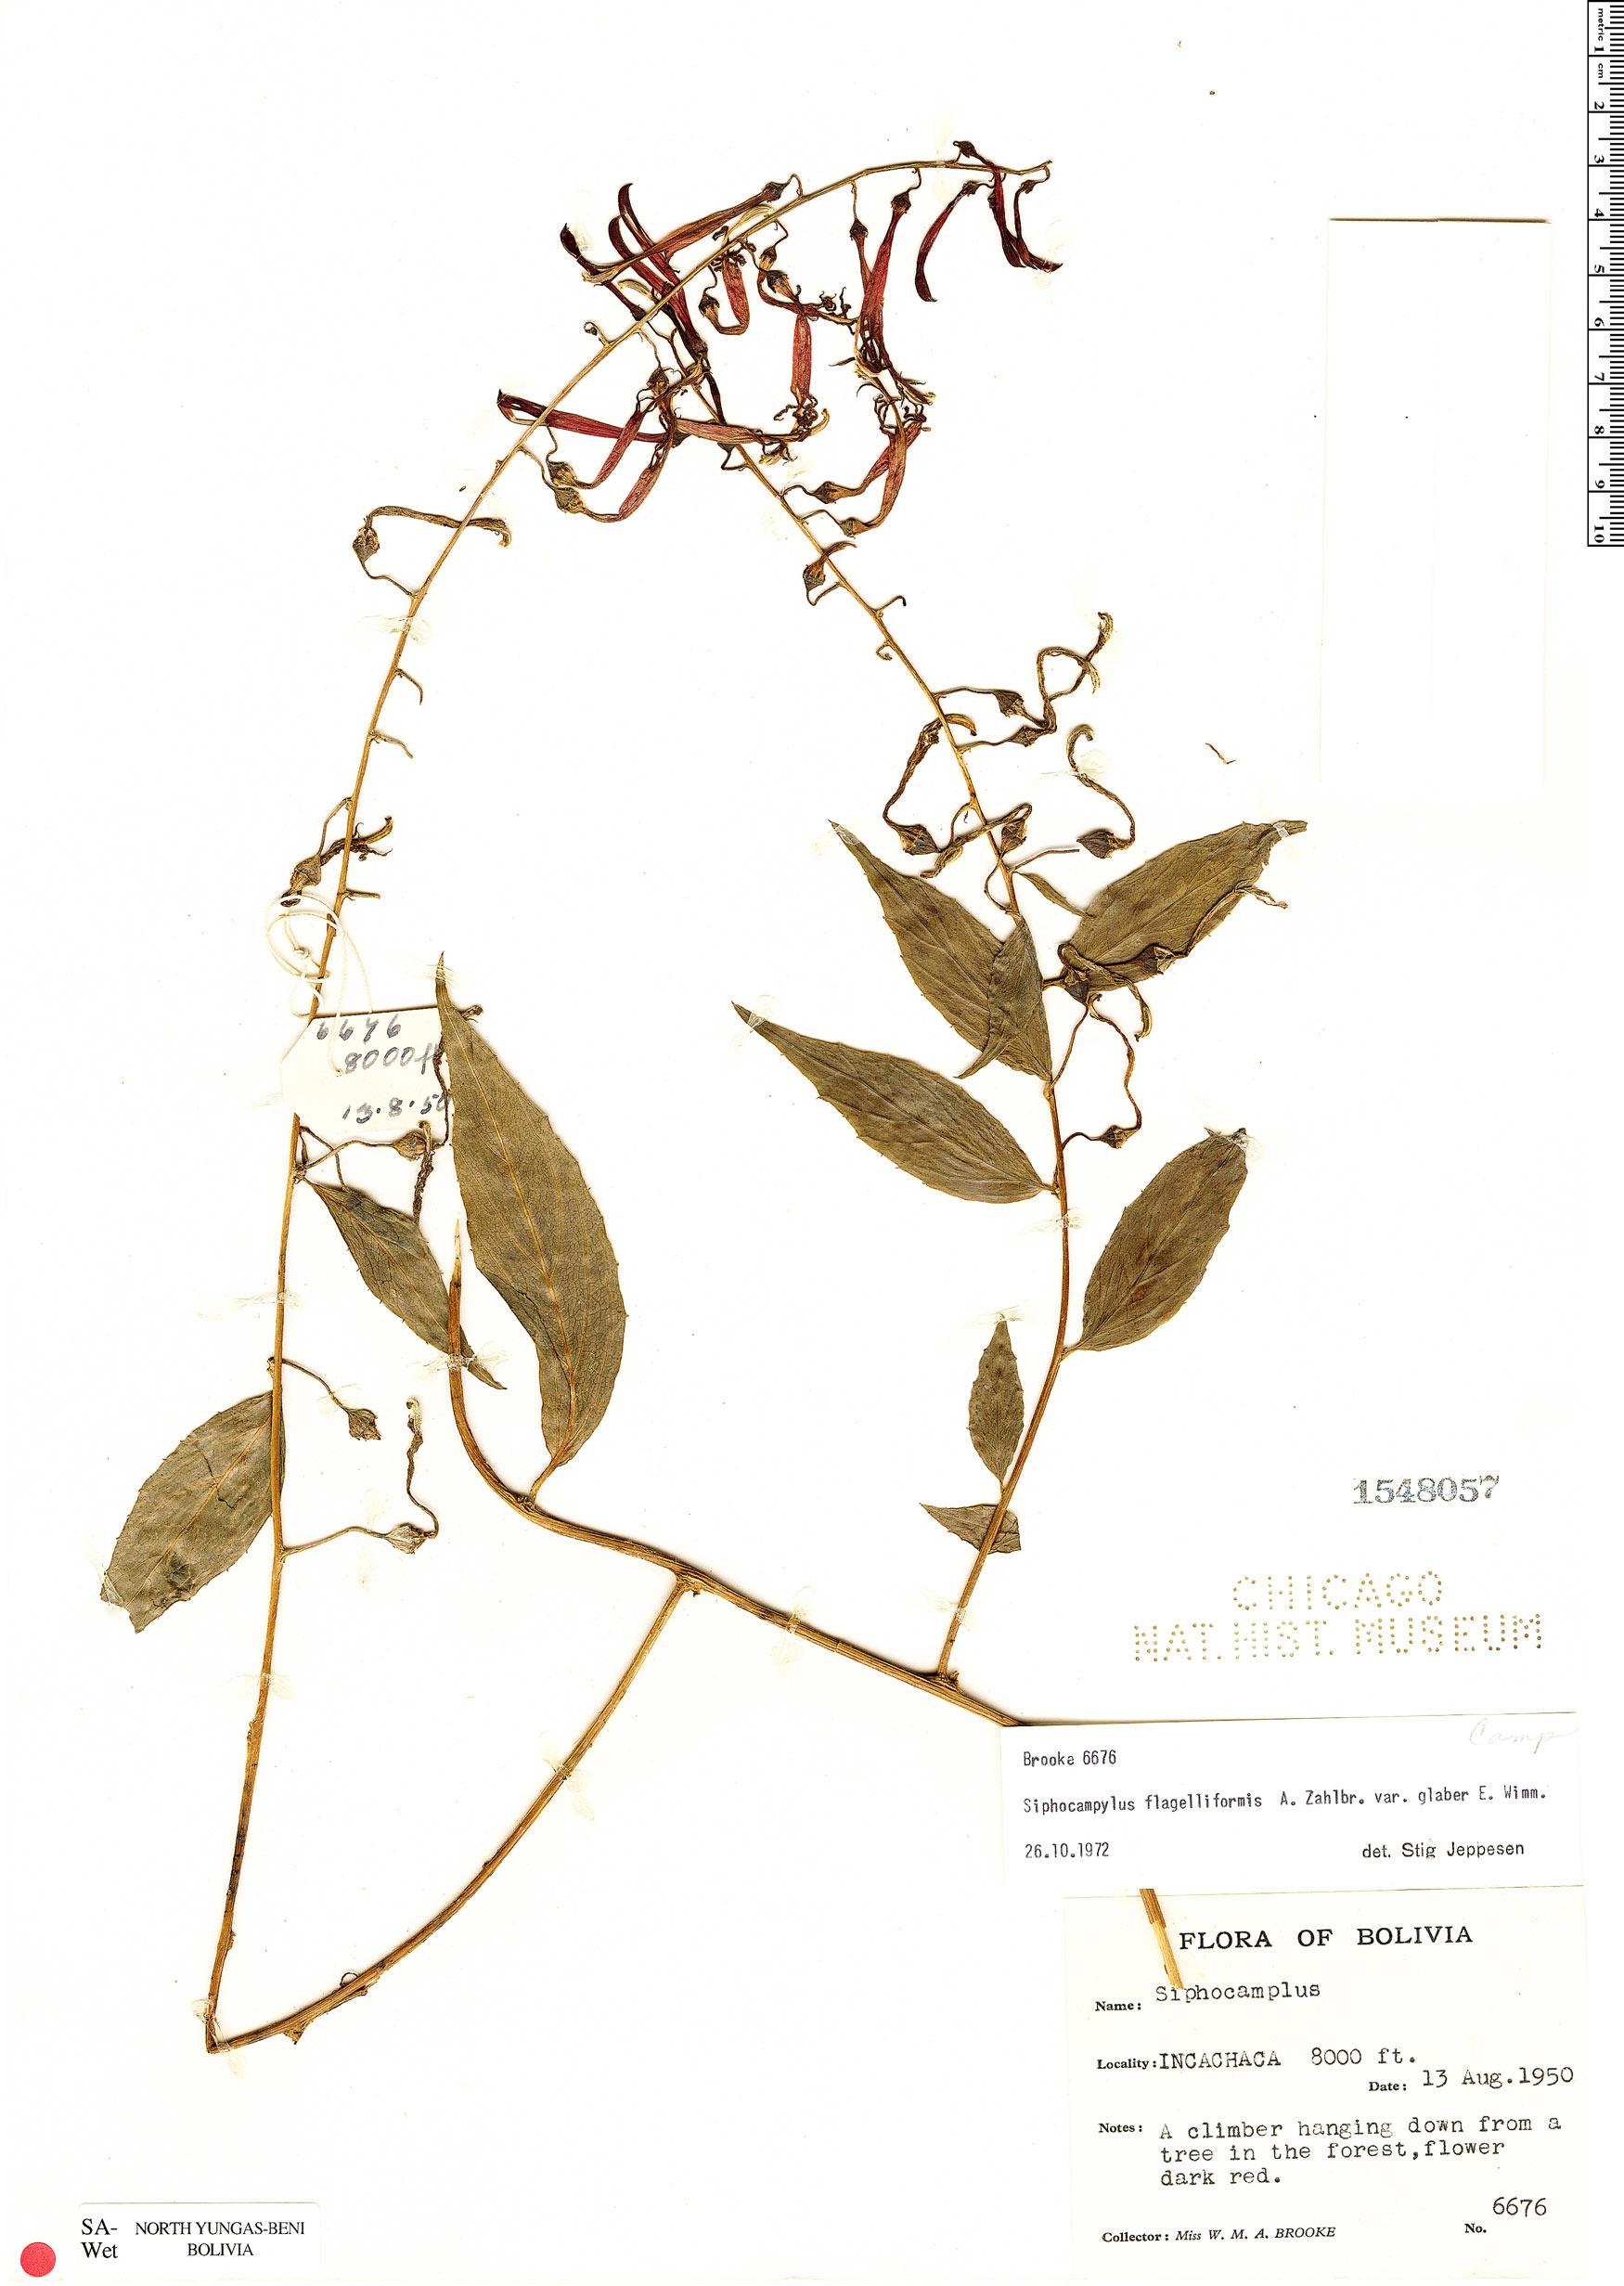 Specimen: Siphocampylus flagelliformis